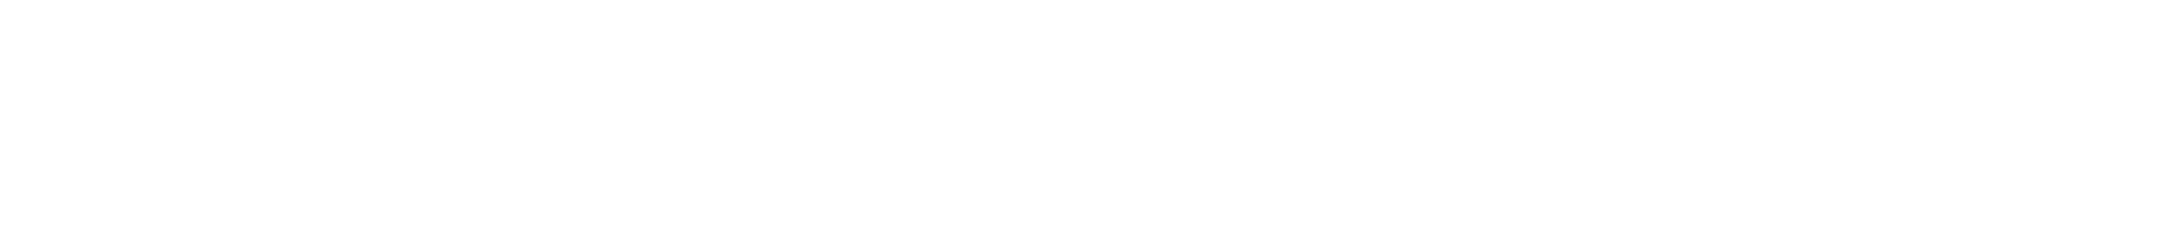 Brightstar Limited Logo